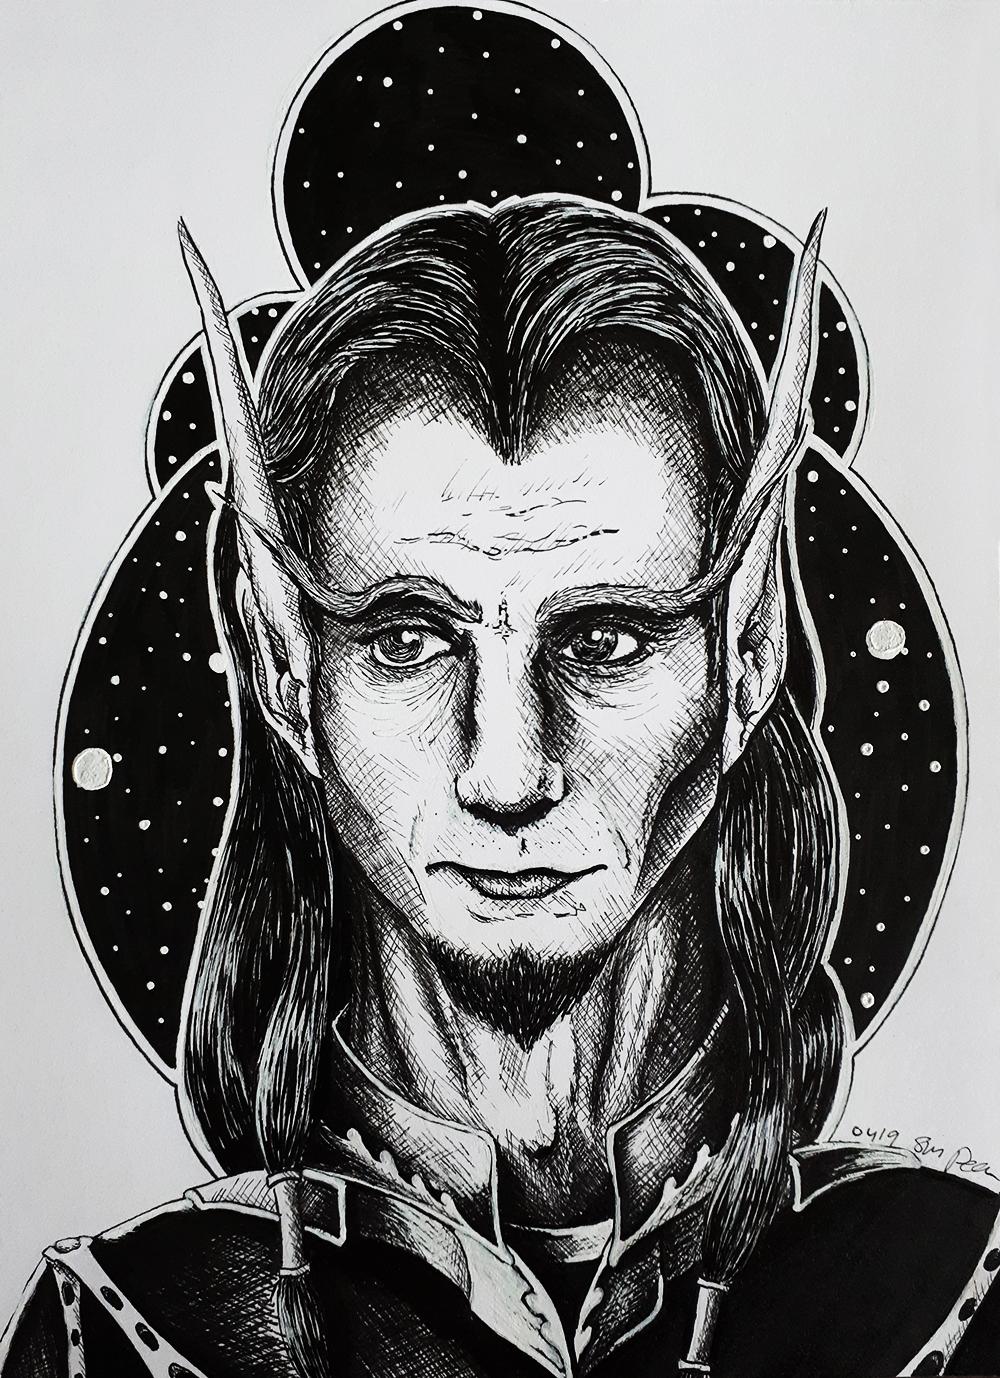 Boraenin Greythorn - For TindomielSilverthorn